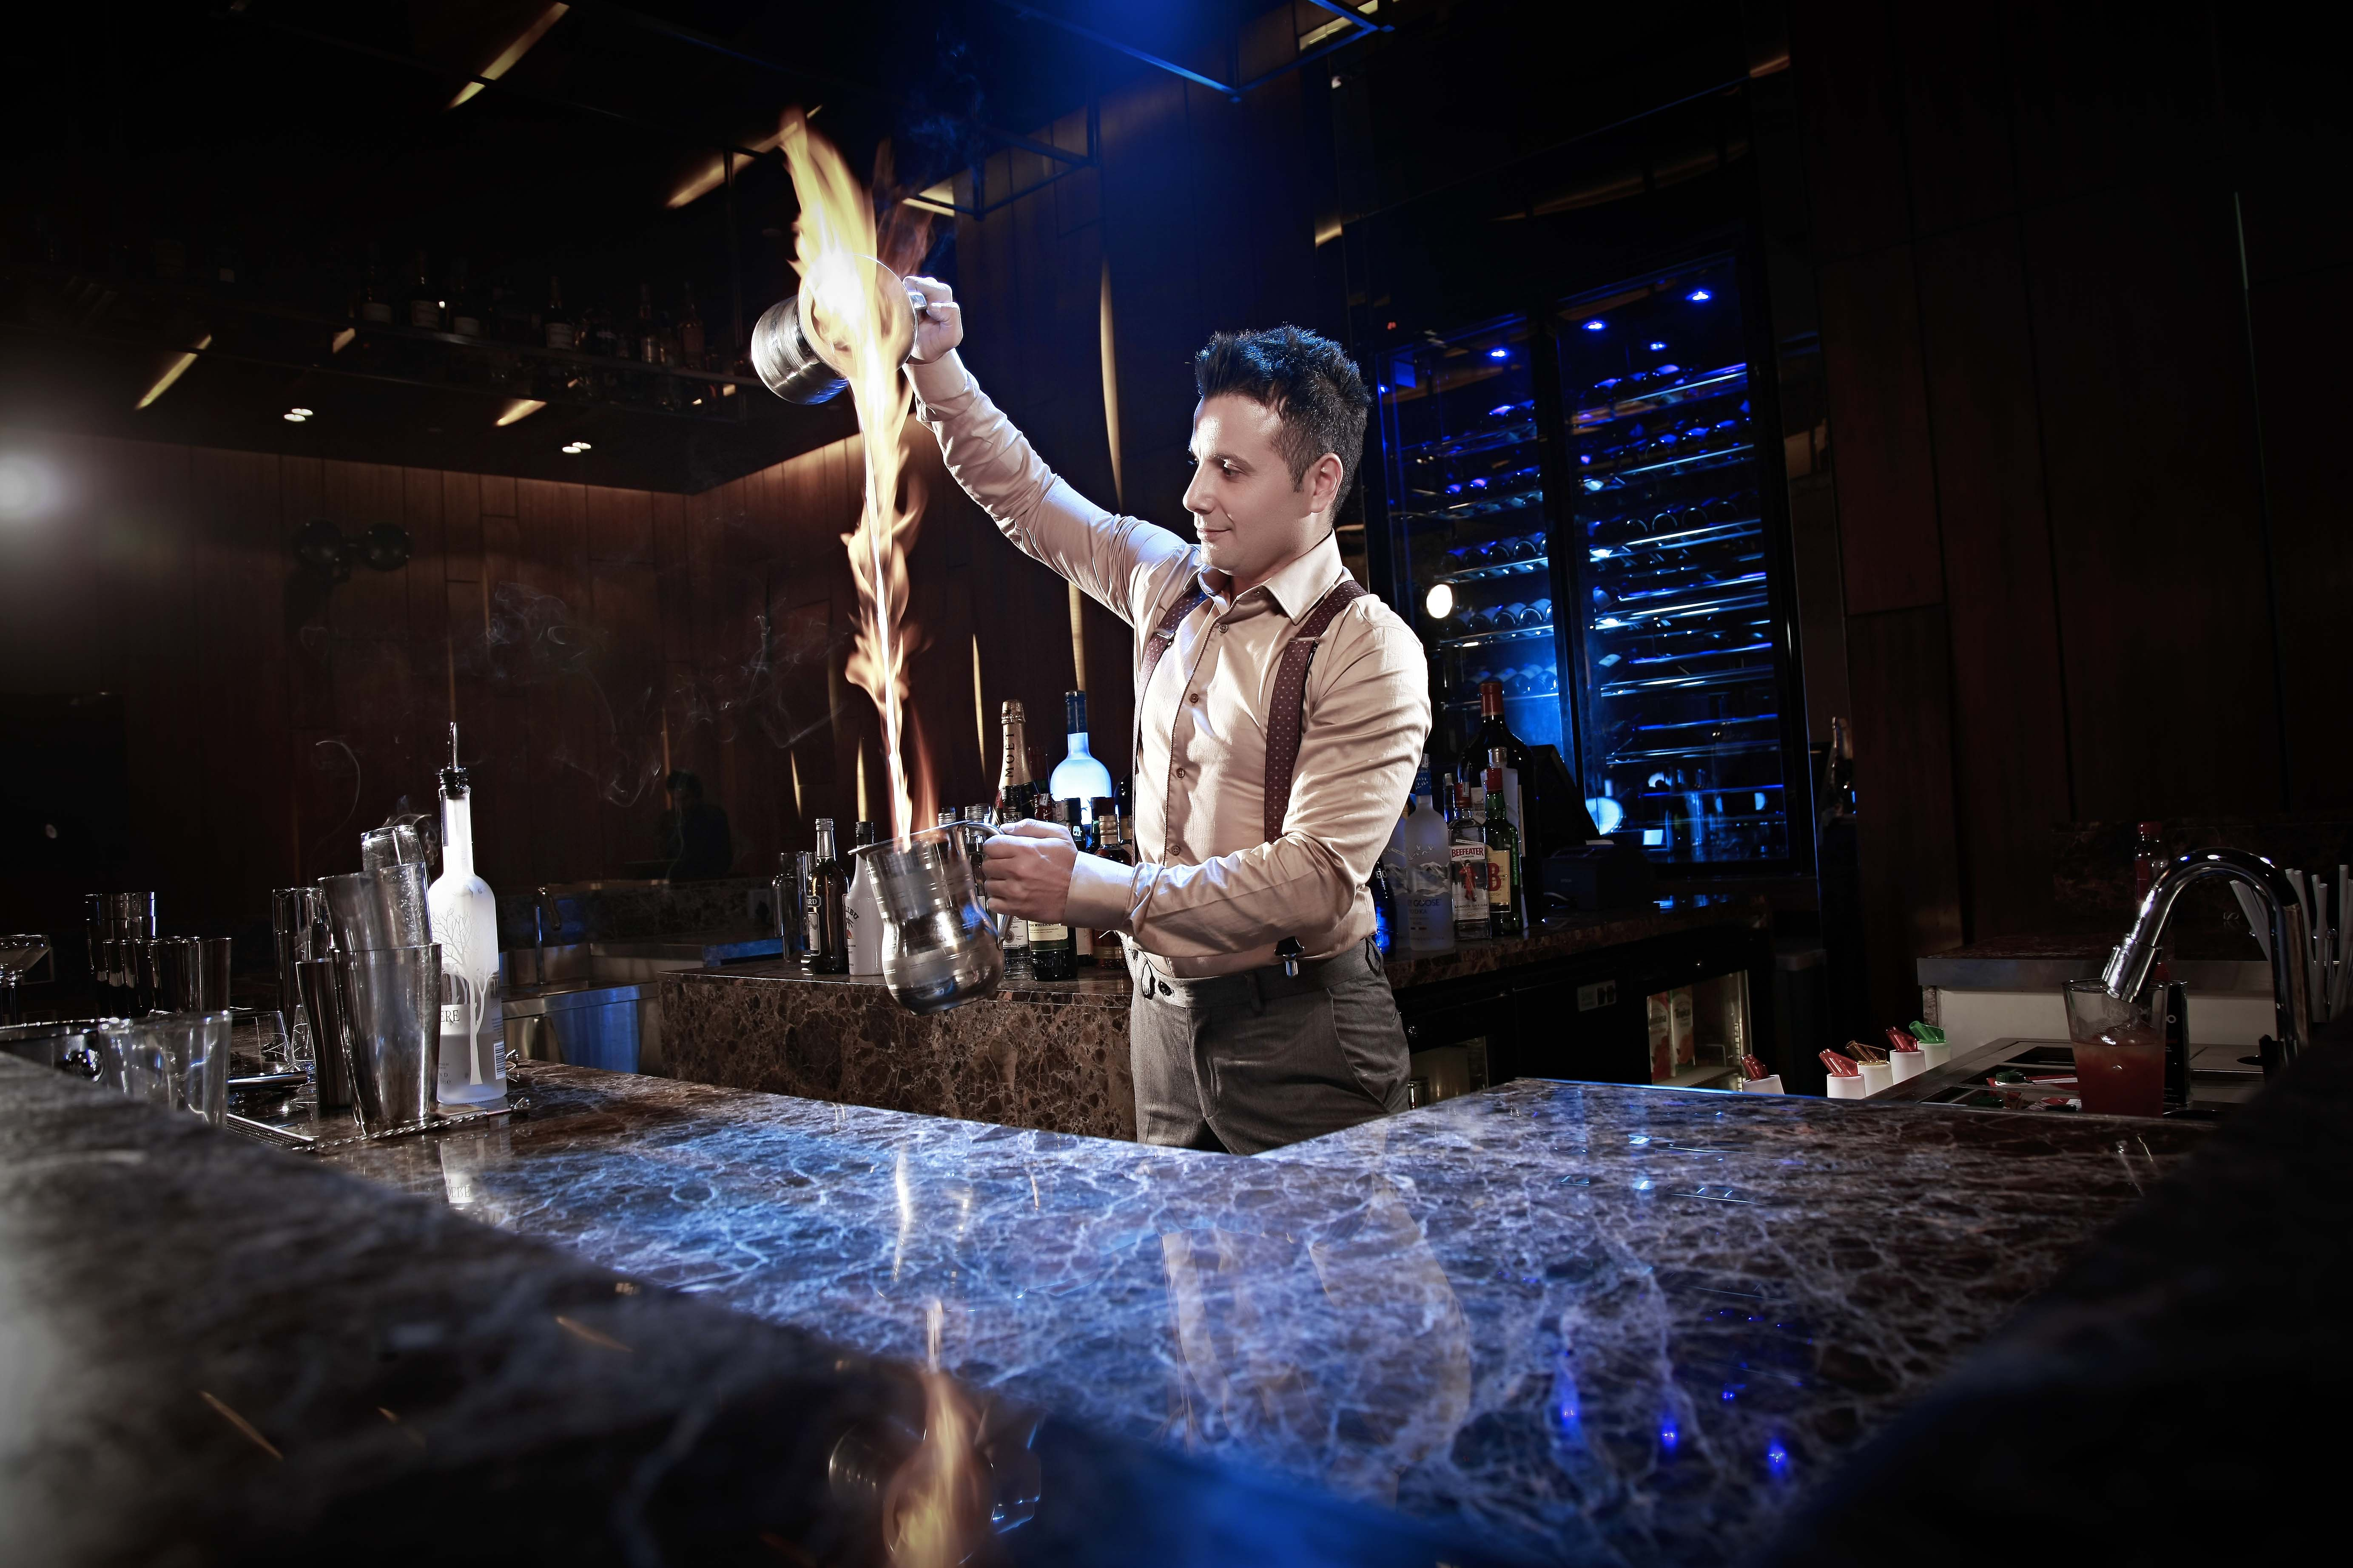 Slamming the bartender